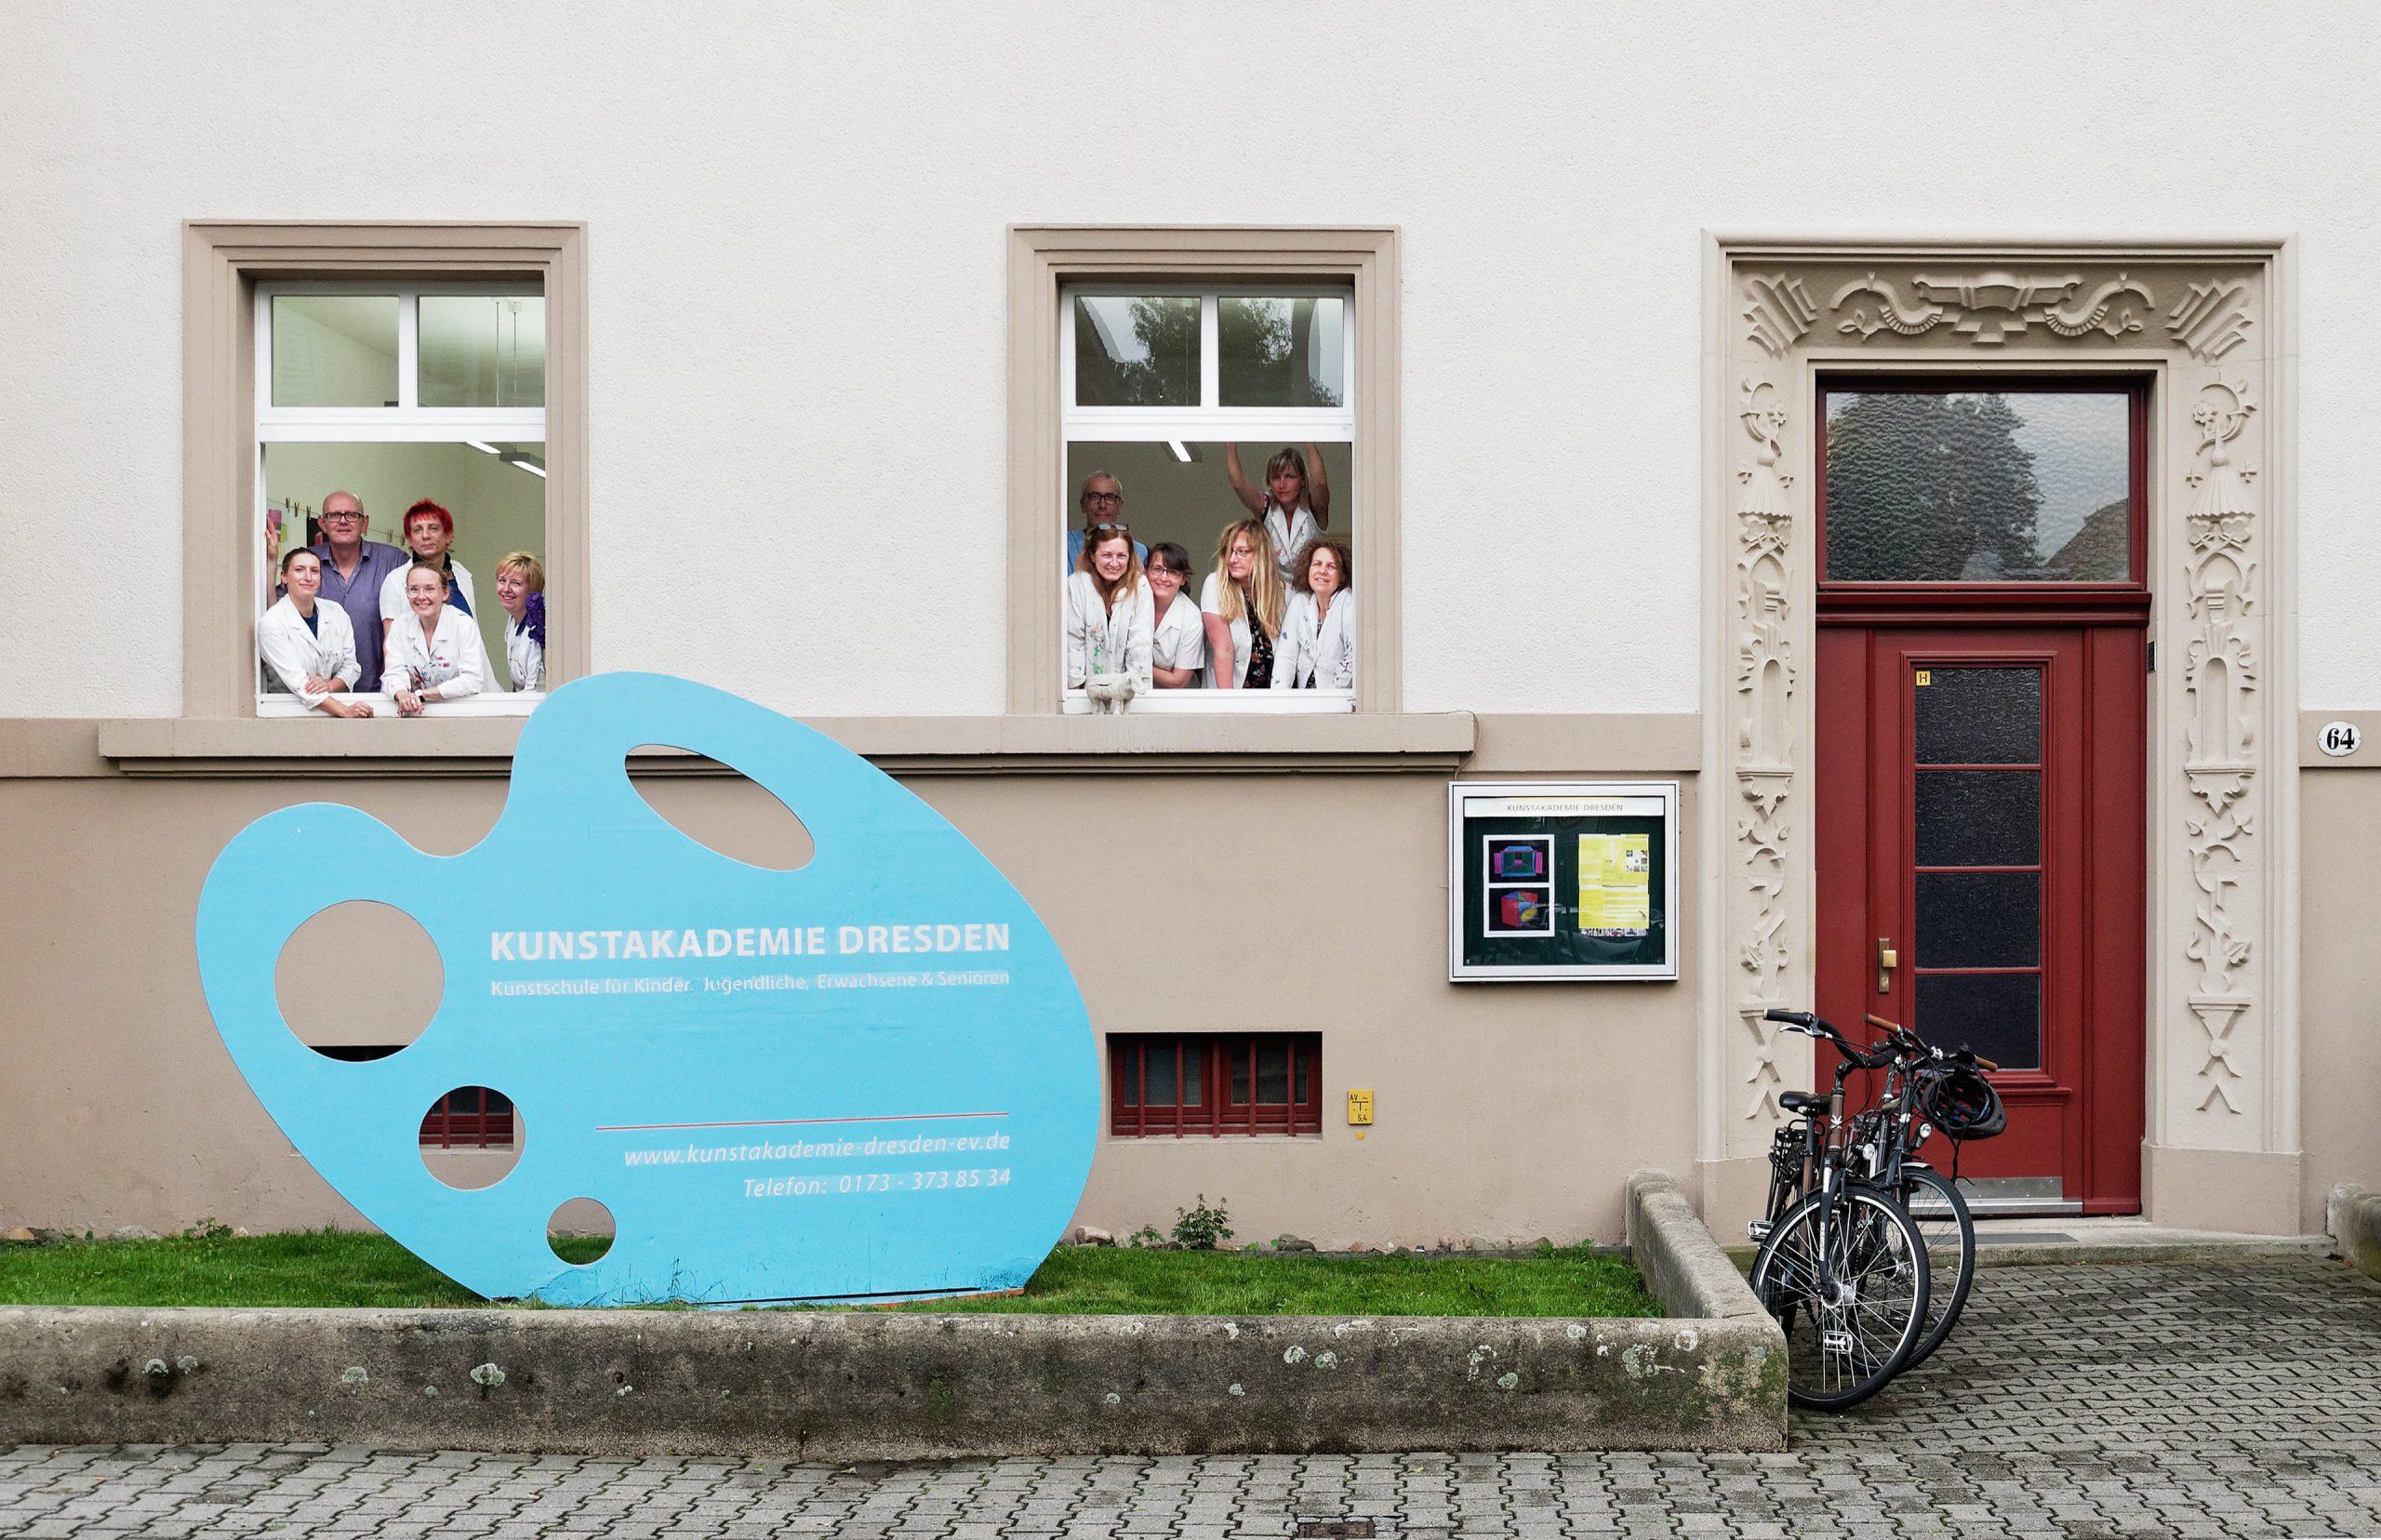 Kunstakademie Haupteingang